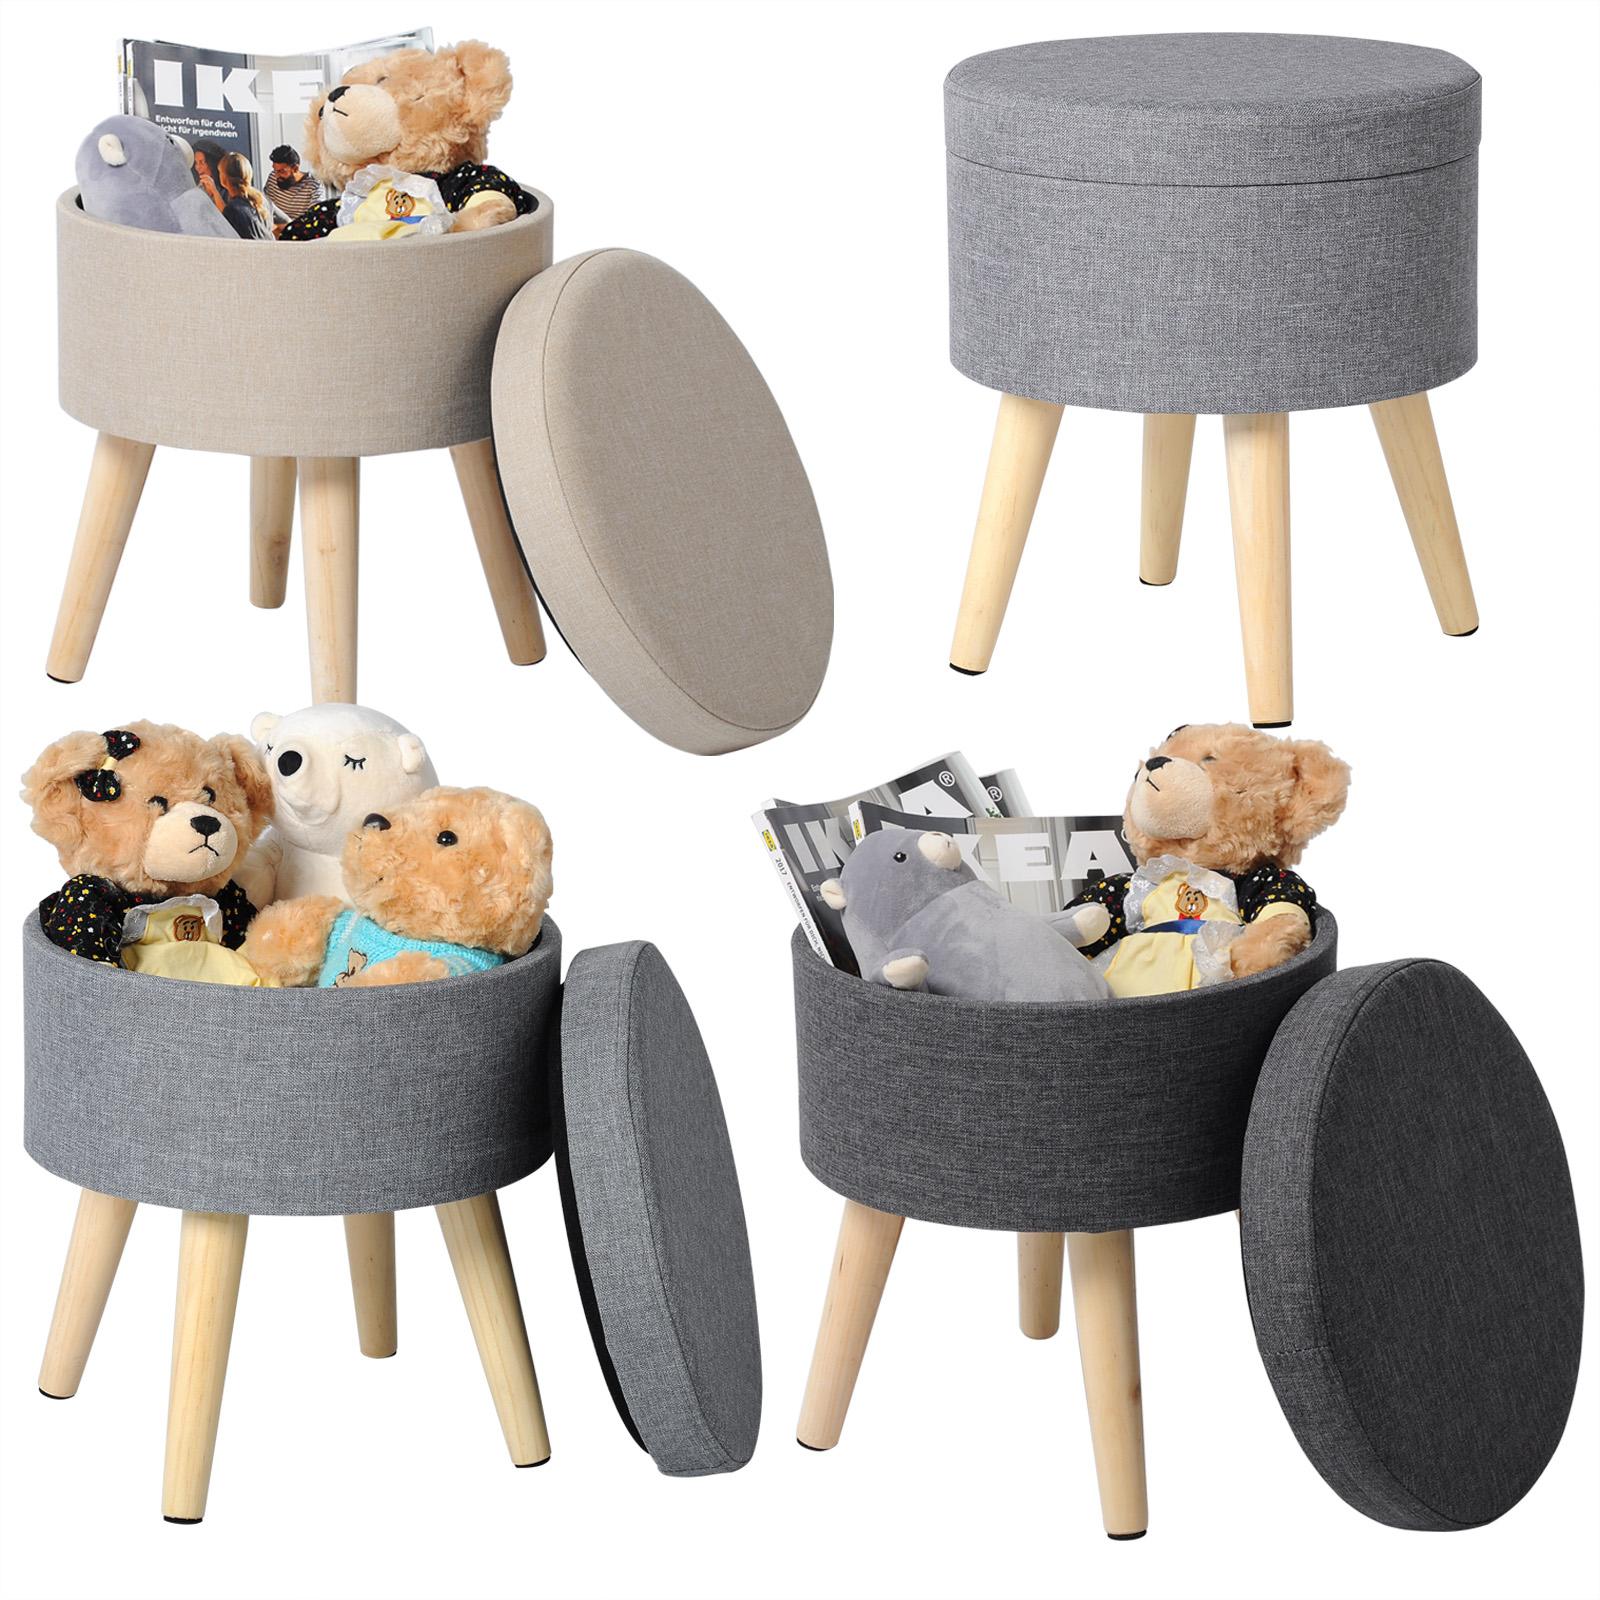 sitzhocker fu hocker sitztruhe hocker polsterhocker leinen mit deckel mdf 753 ebay. Black Bedroom Furniture Sets. Home Design Ideas